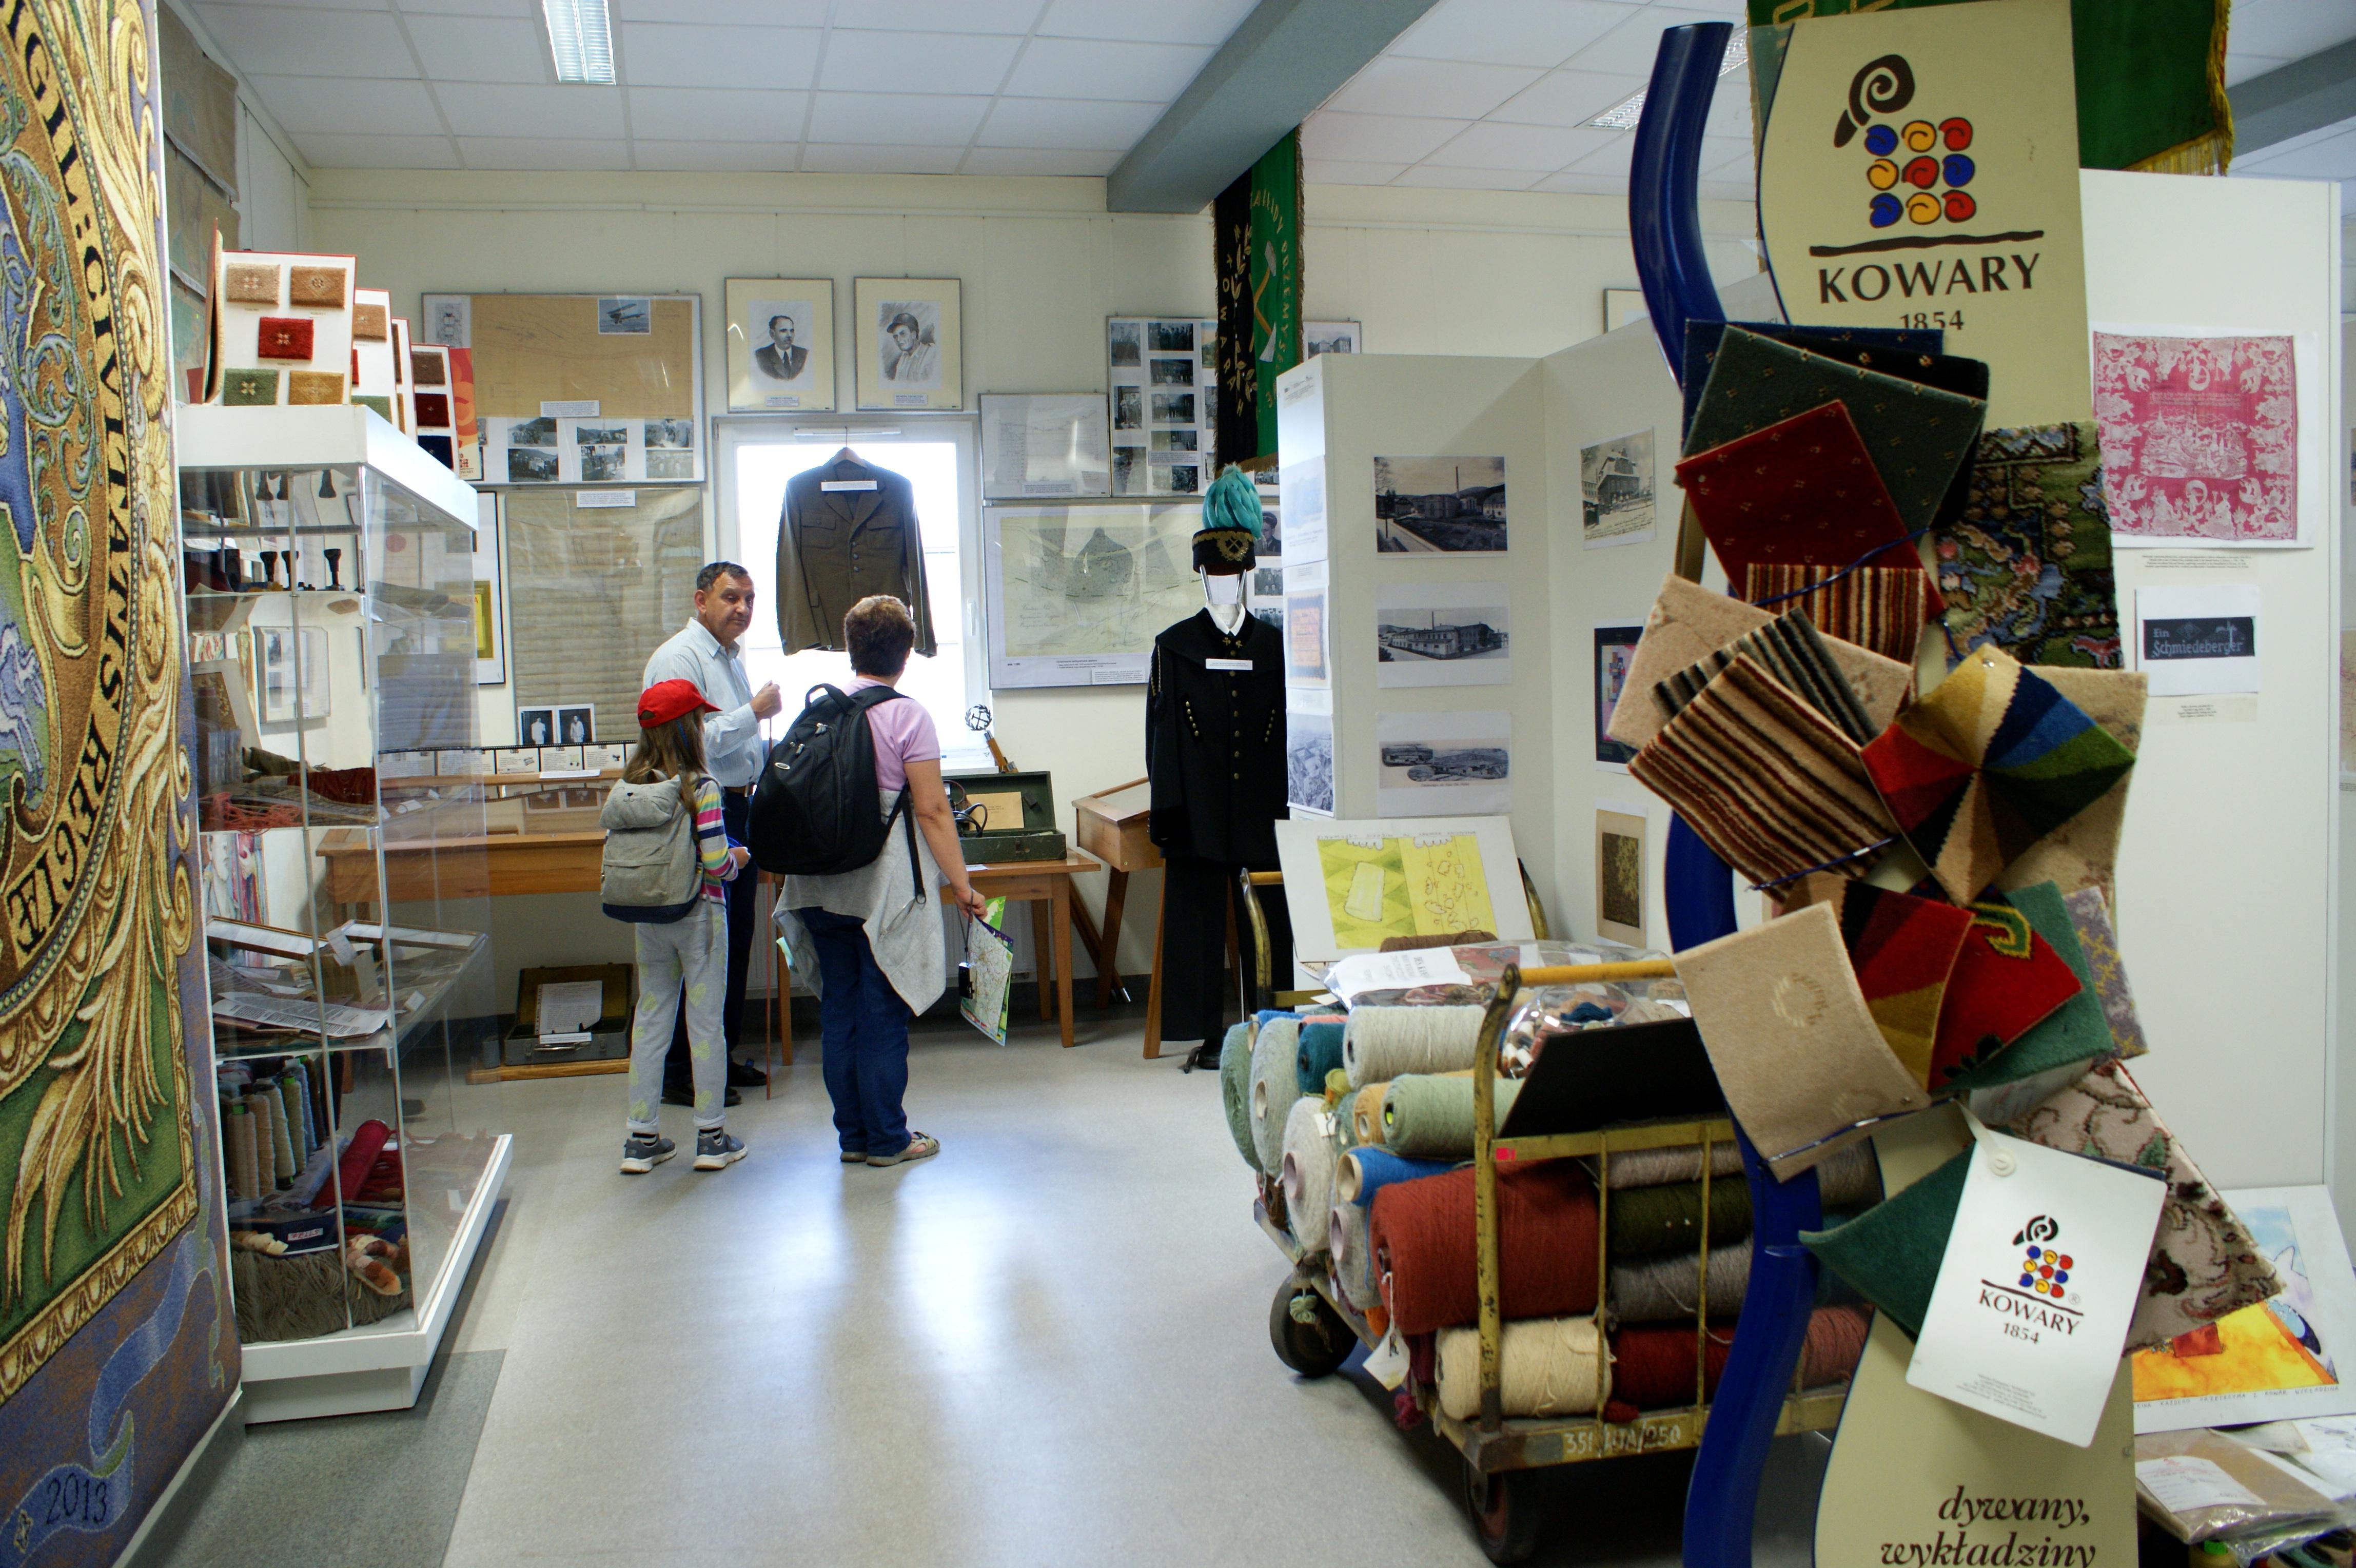 3. Centrum Integracji i Tradycji w Kowarach